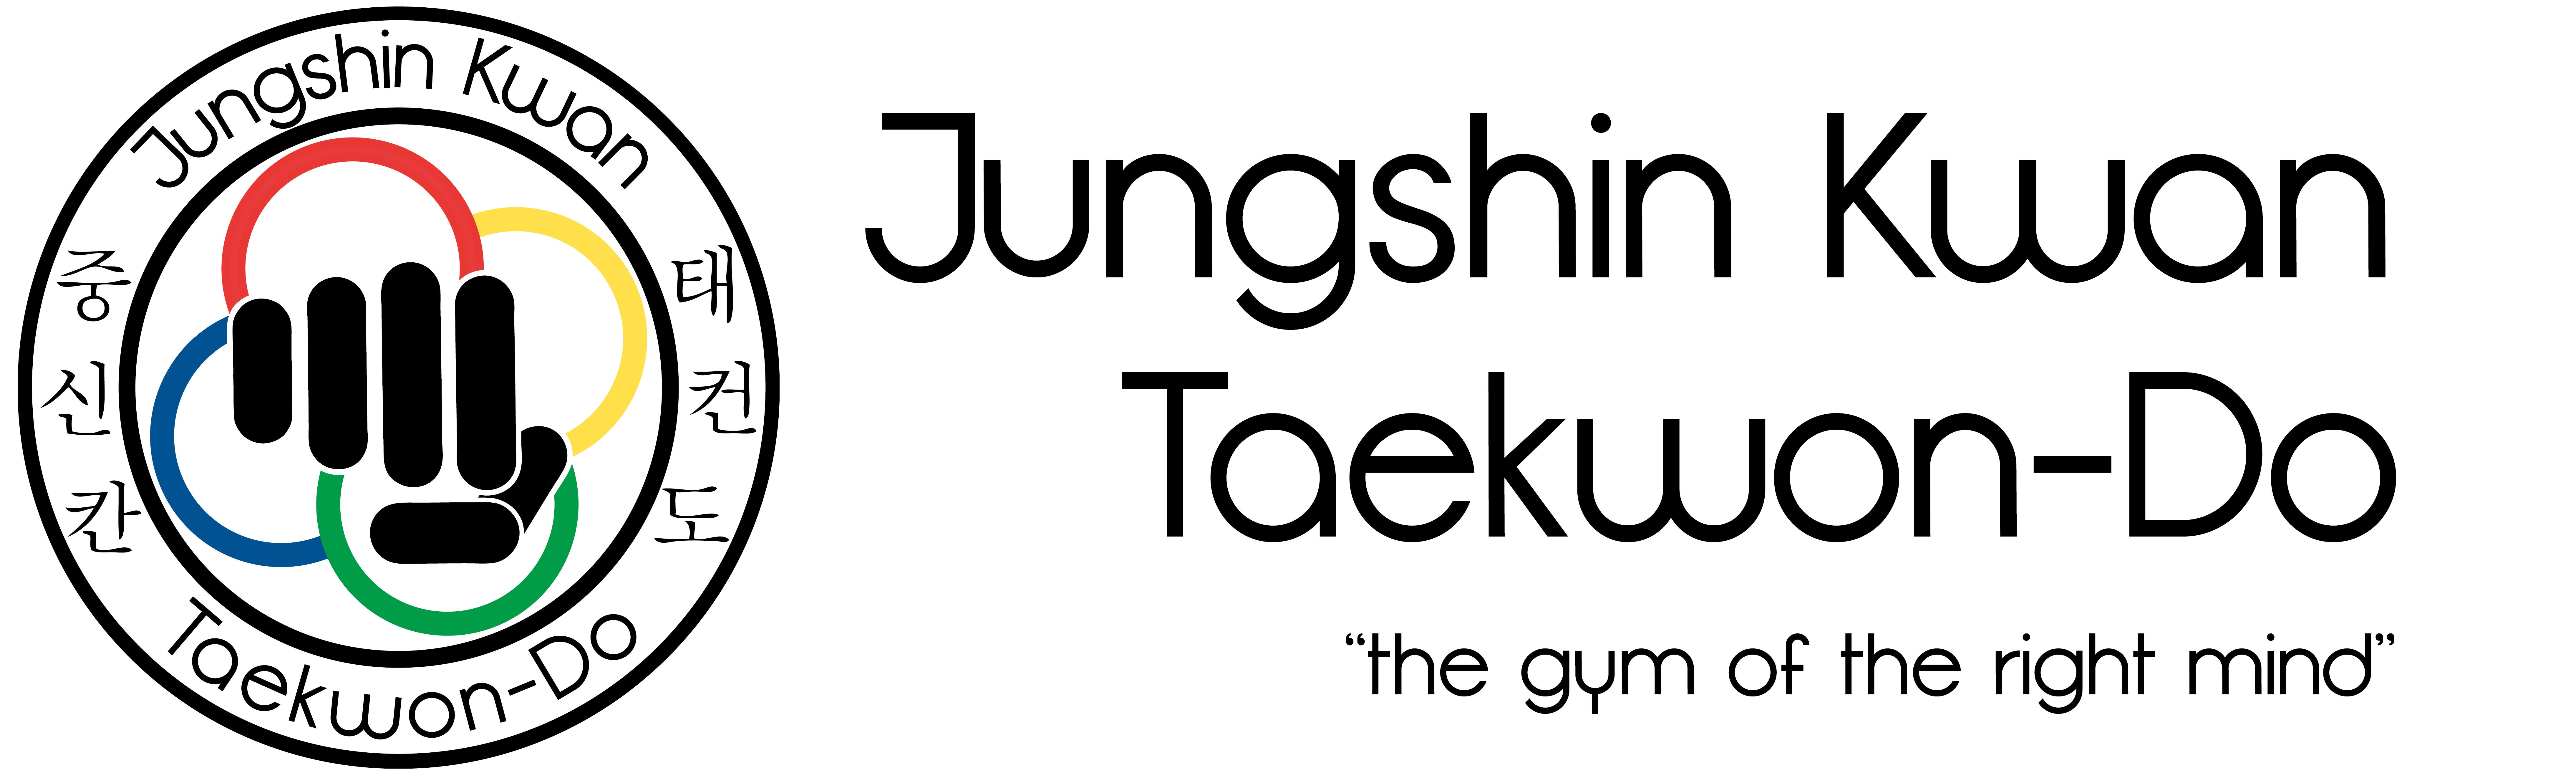 Taekwon-Do club Jungshin Kwan